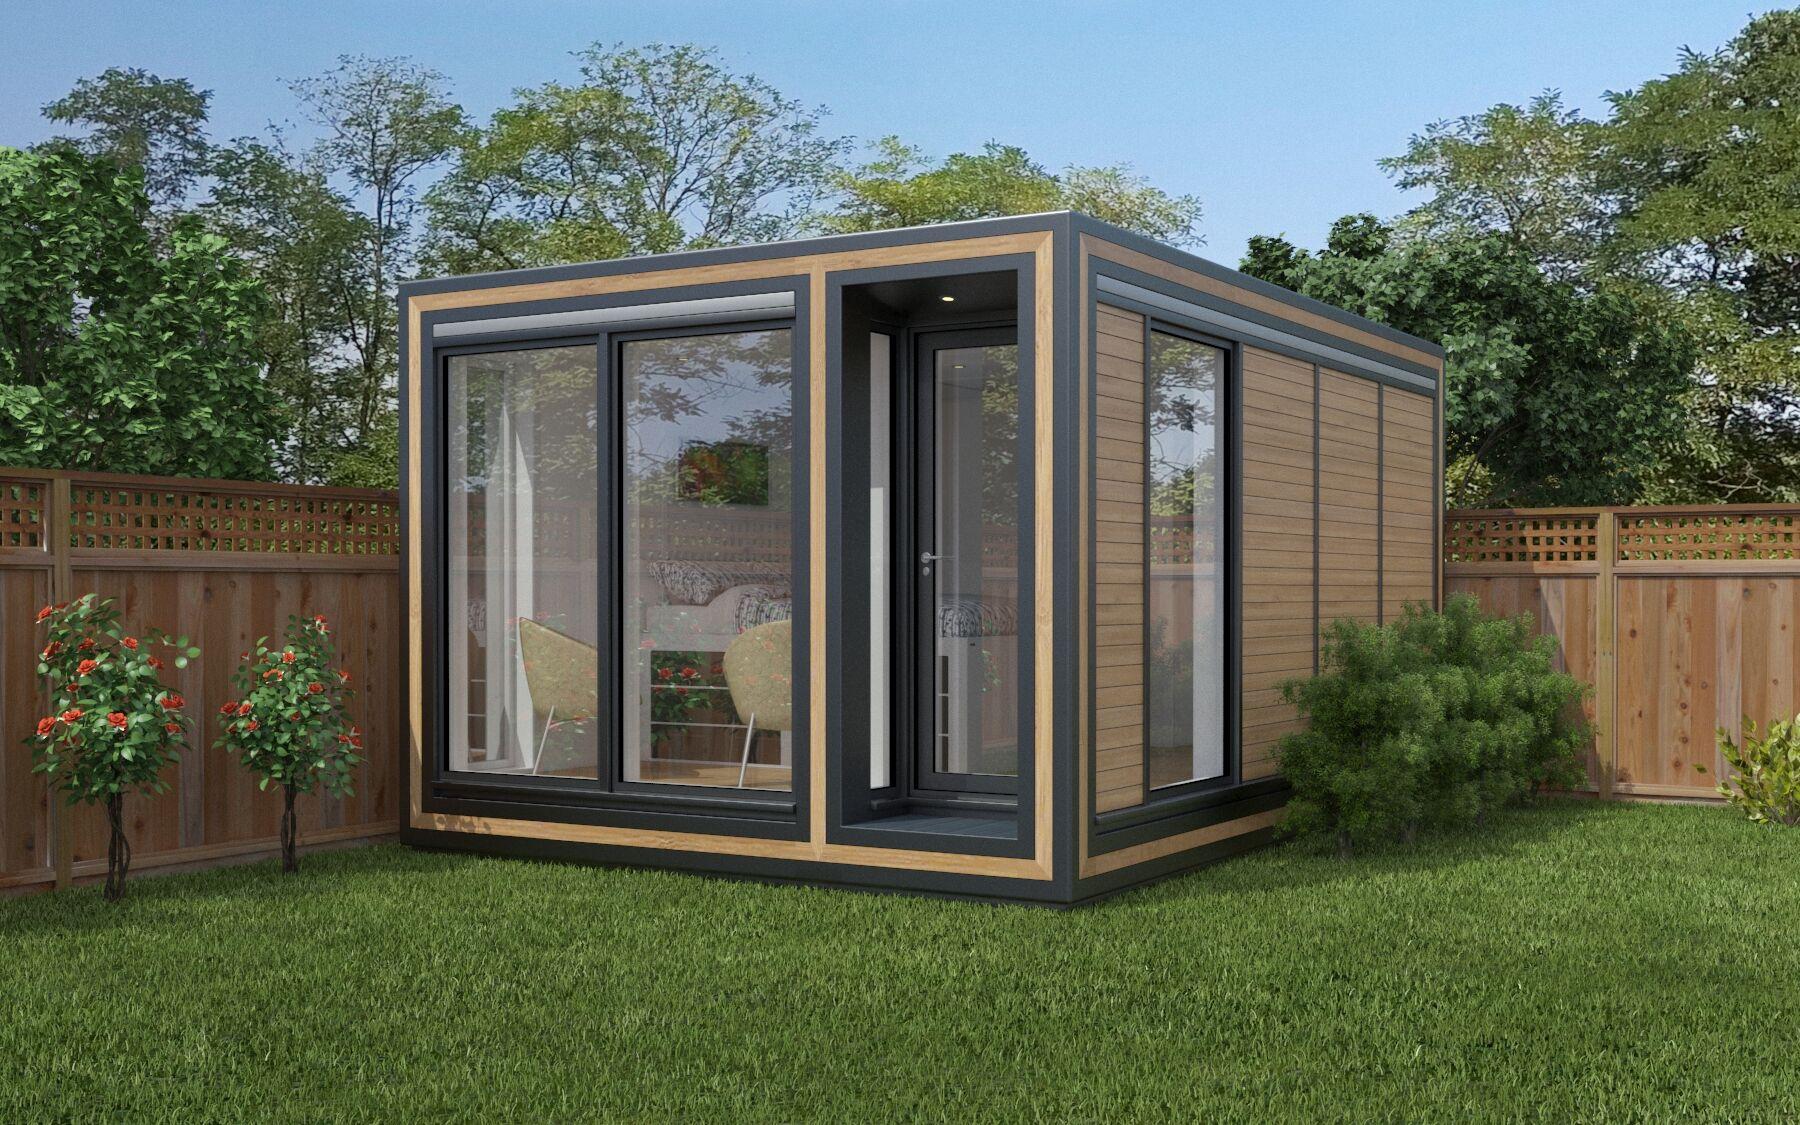 Zedbox 345 garden apartment offers great versatility and comfort.